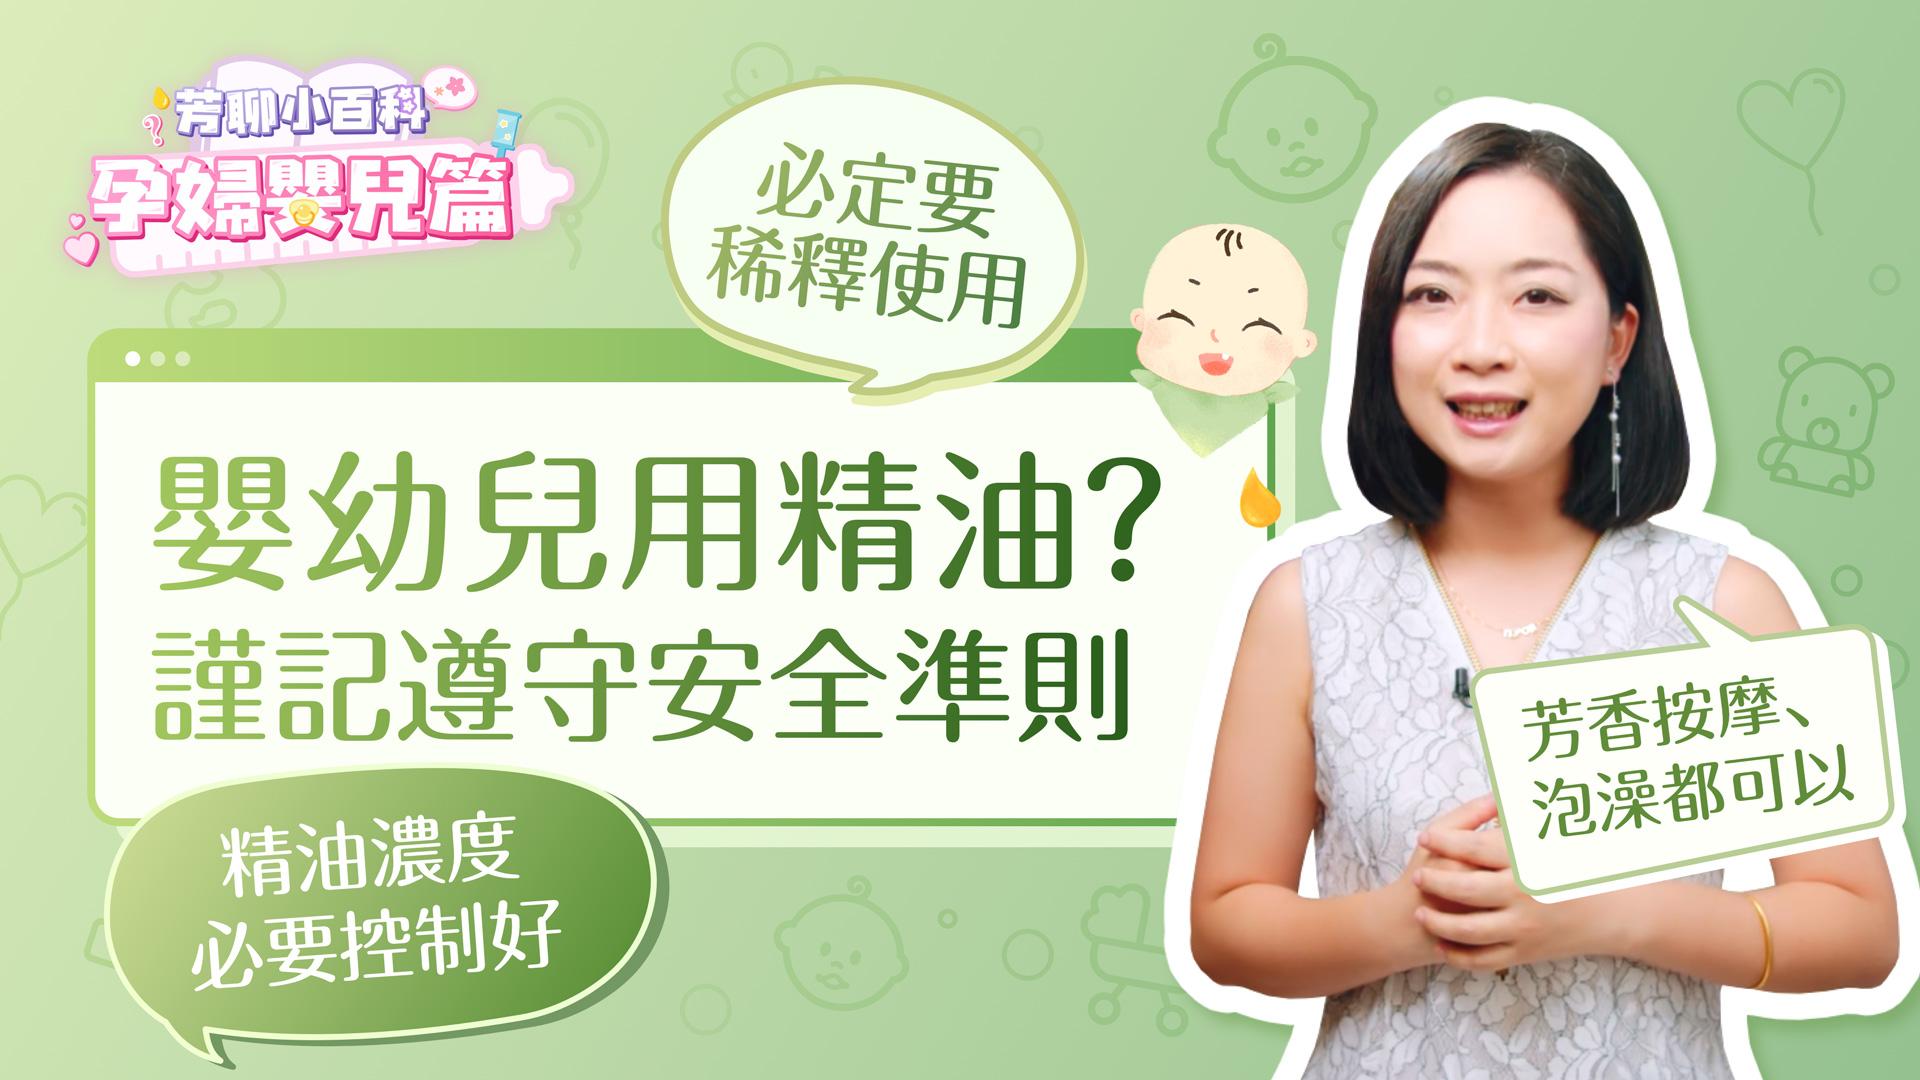 嬰幼兒可以用精油嗎?| 寶寶用油安全劑量 | 嬰幼兒使用精油的注意事項